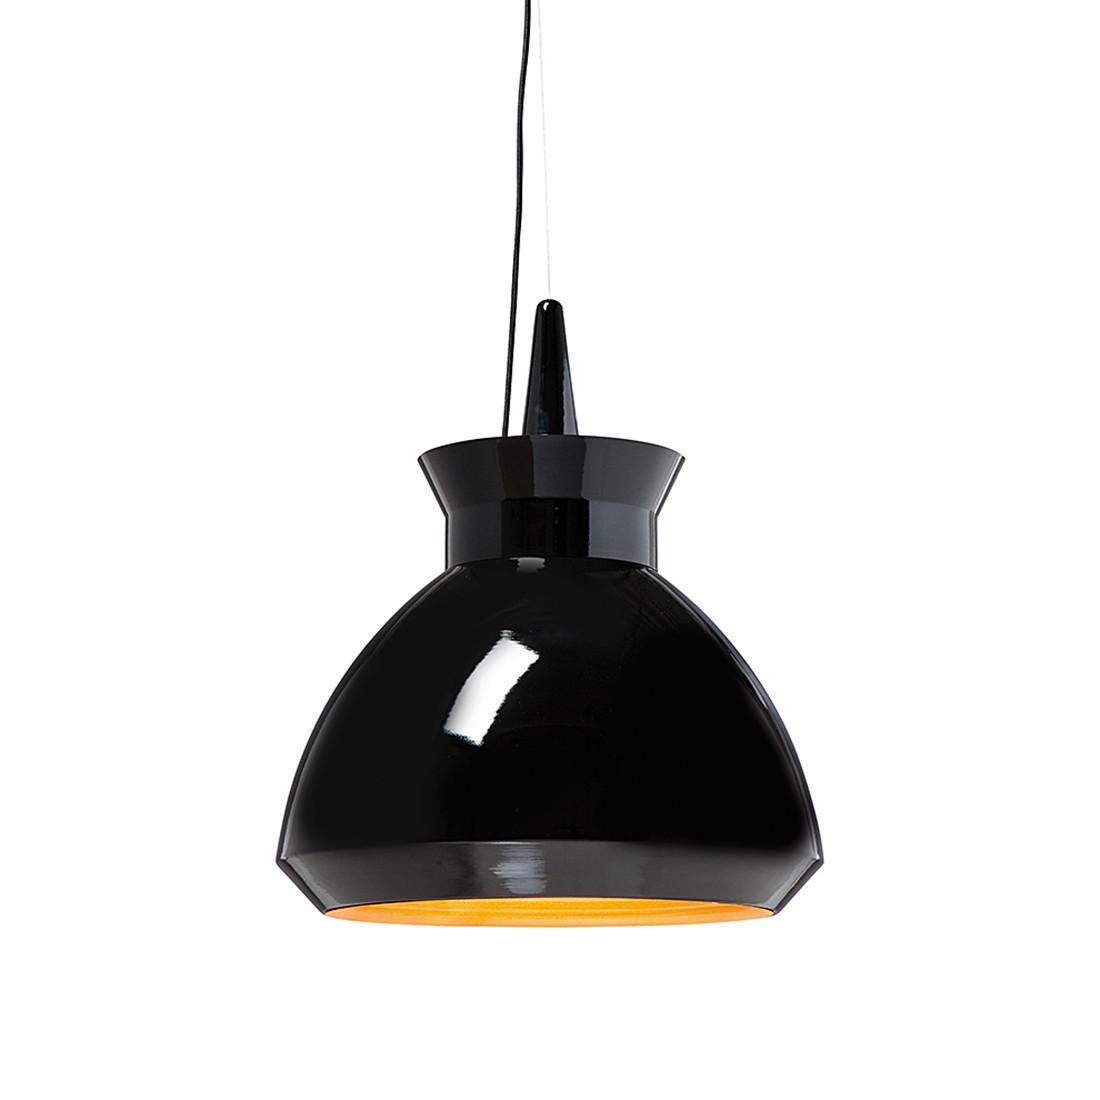 Haengeleuchte Sting - Aluminium Schwarz - Durchmesser: 50 cm, Kare Design